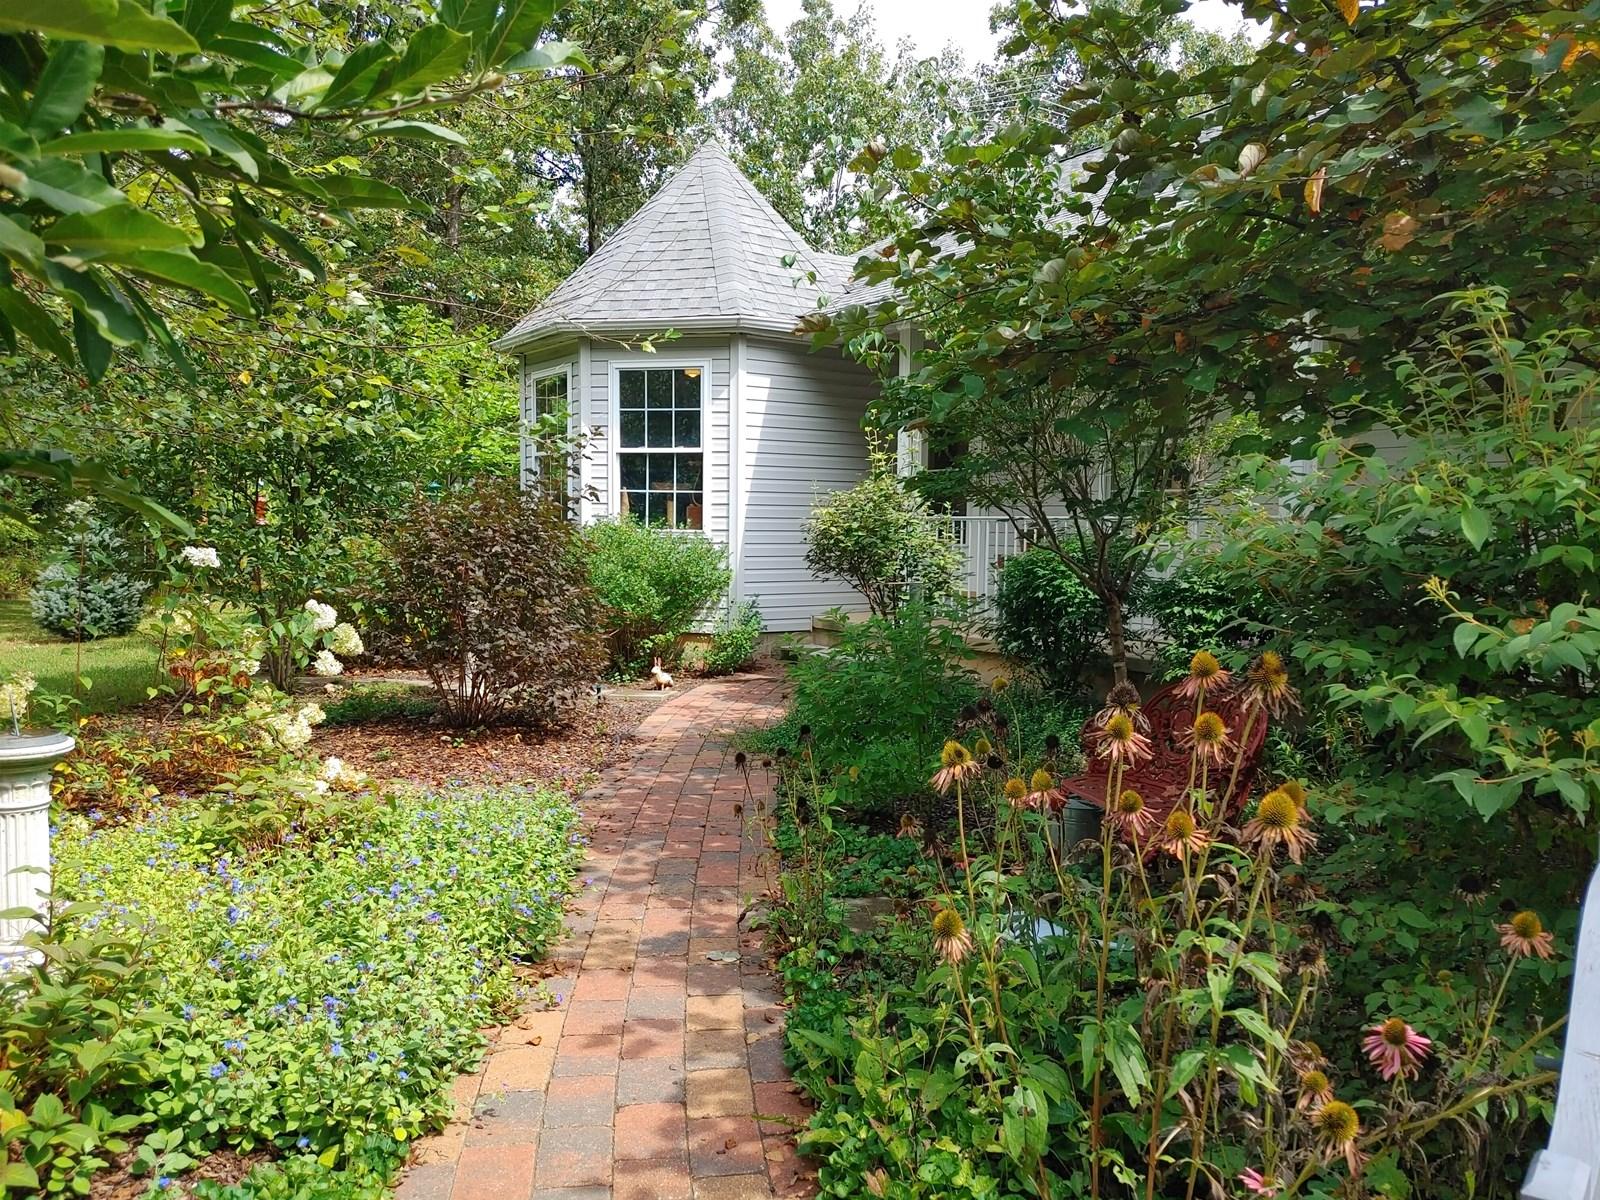 For sale4 bed 3 bath home on 16+ fenced acres w/huge garage